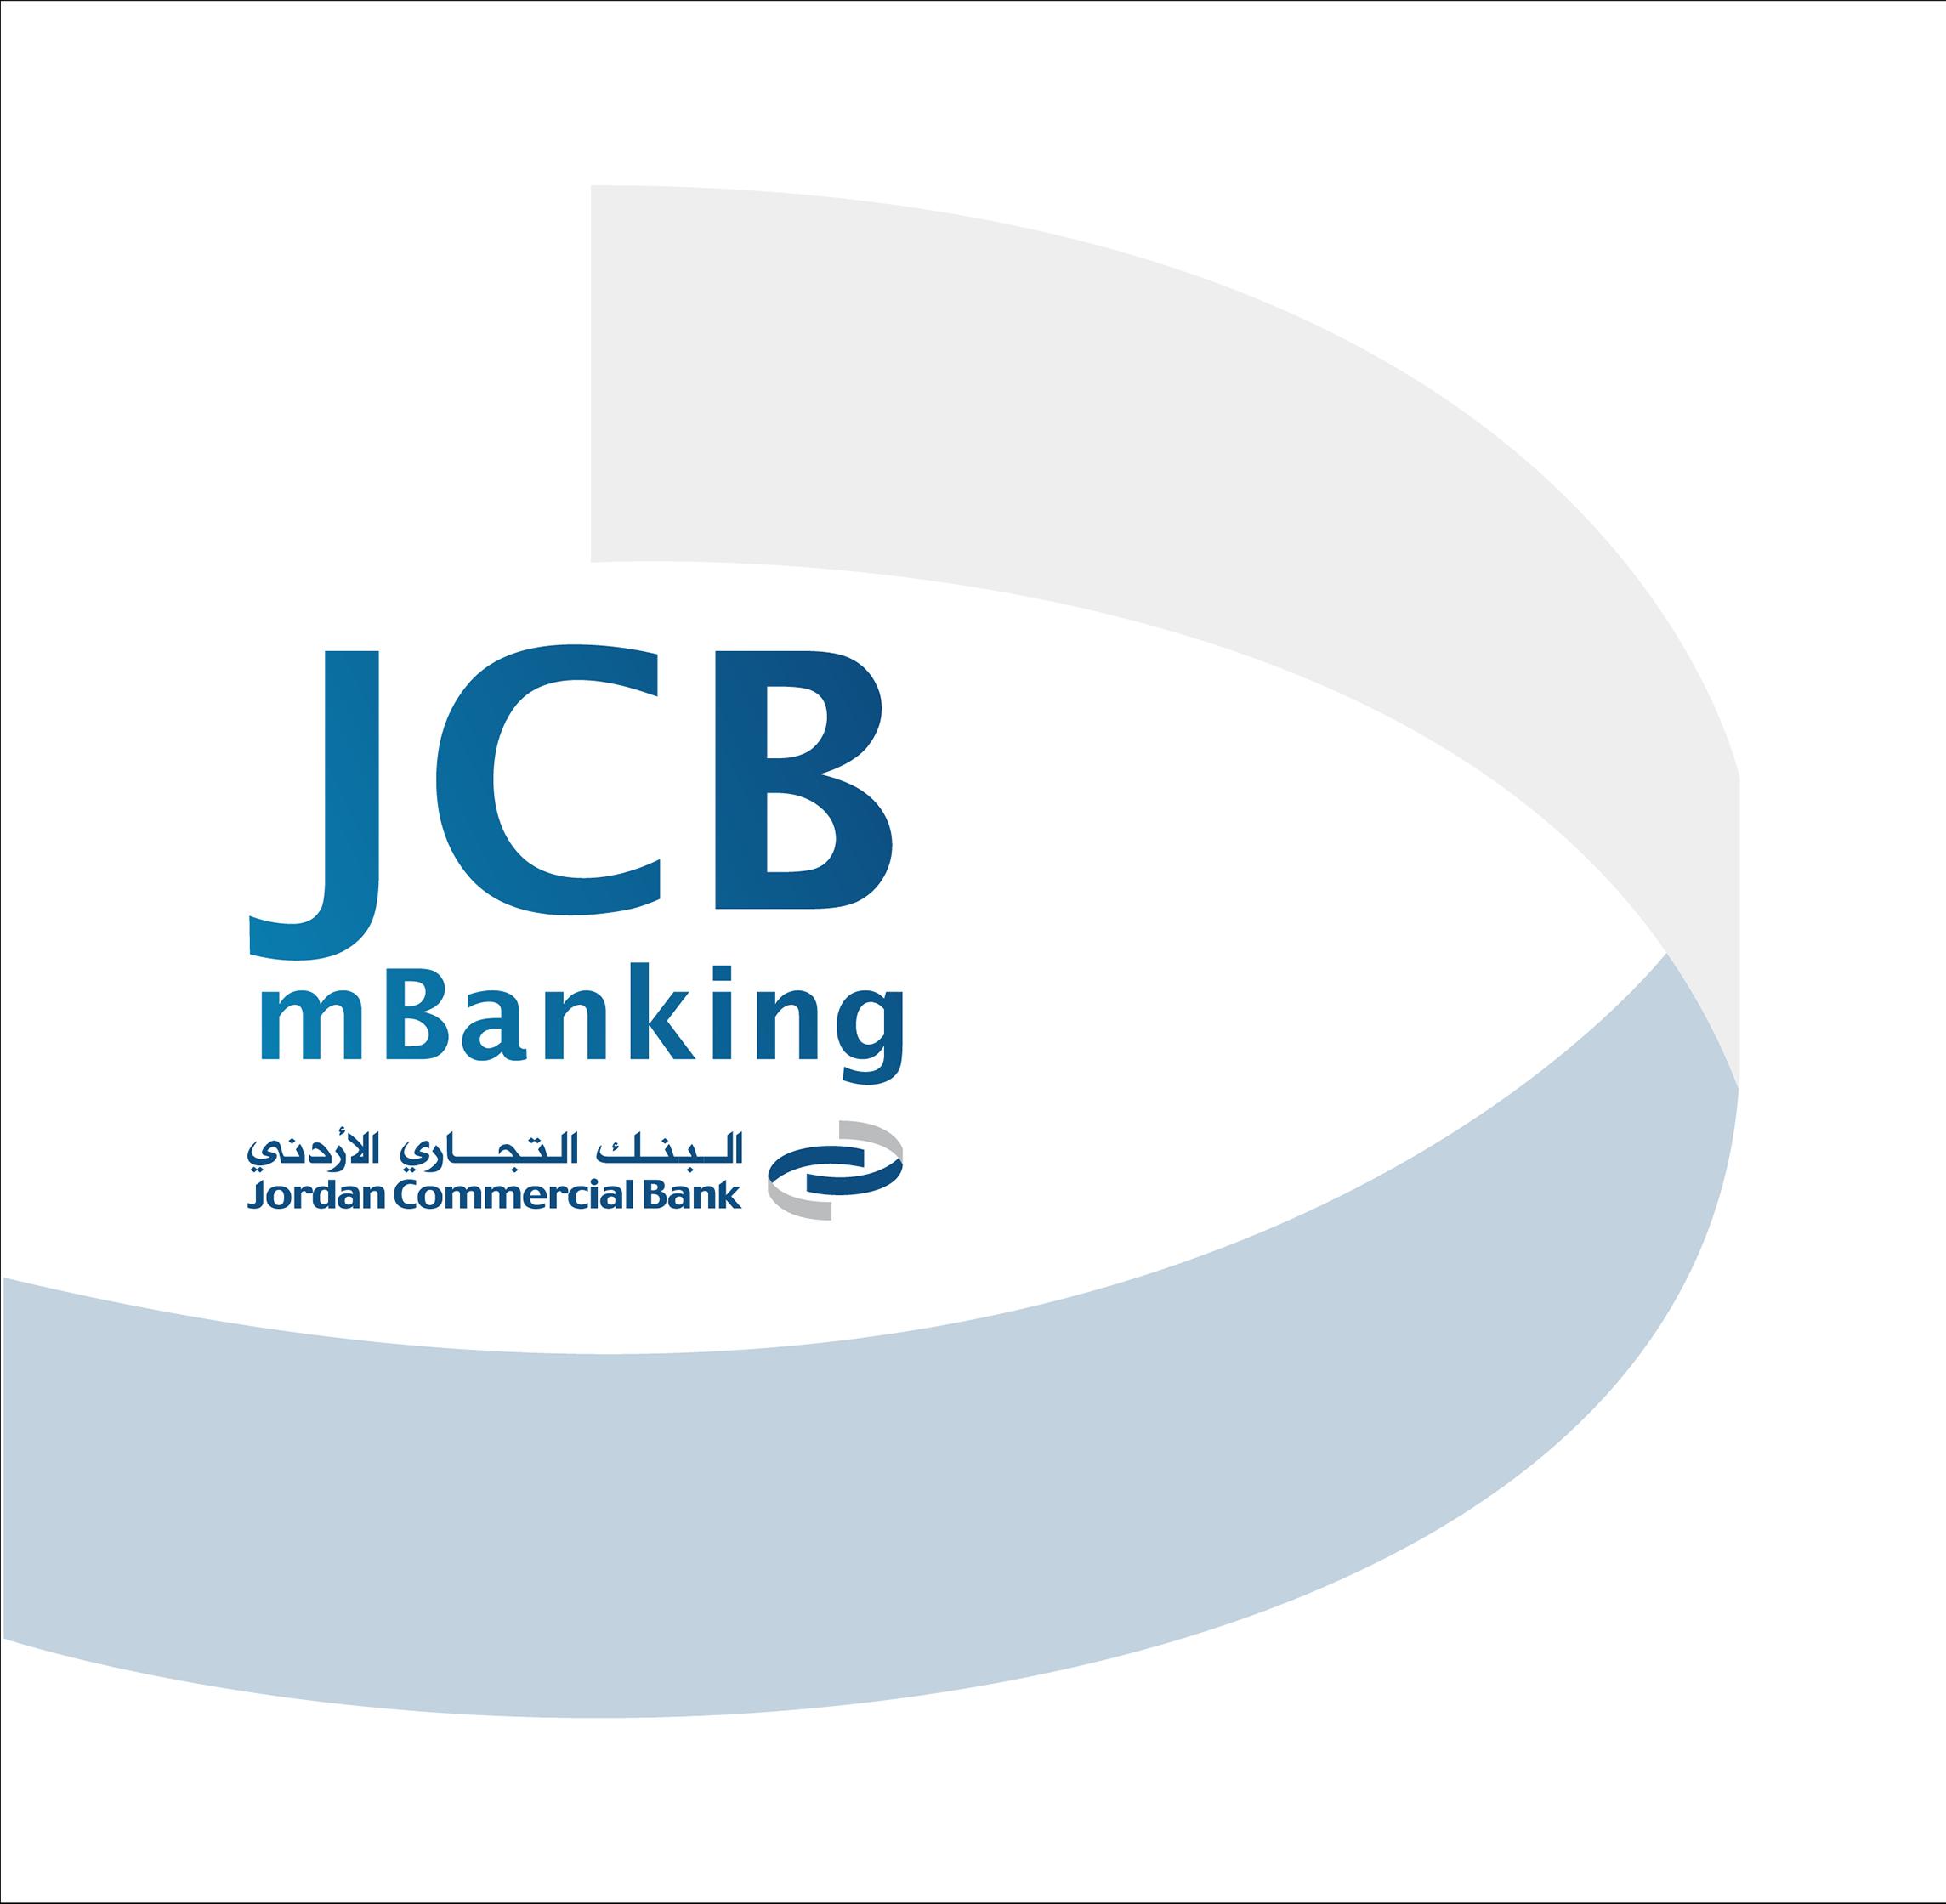 البنك التجاري الأردني قروض السيارات